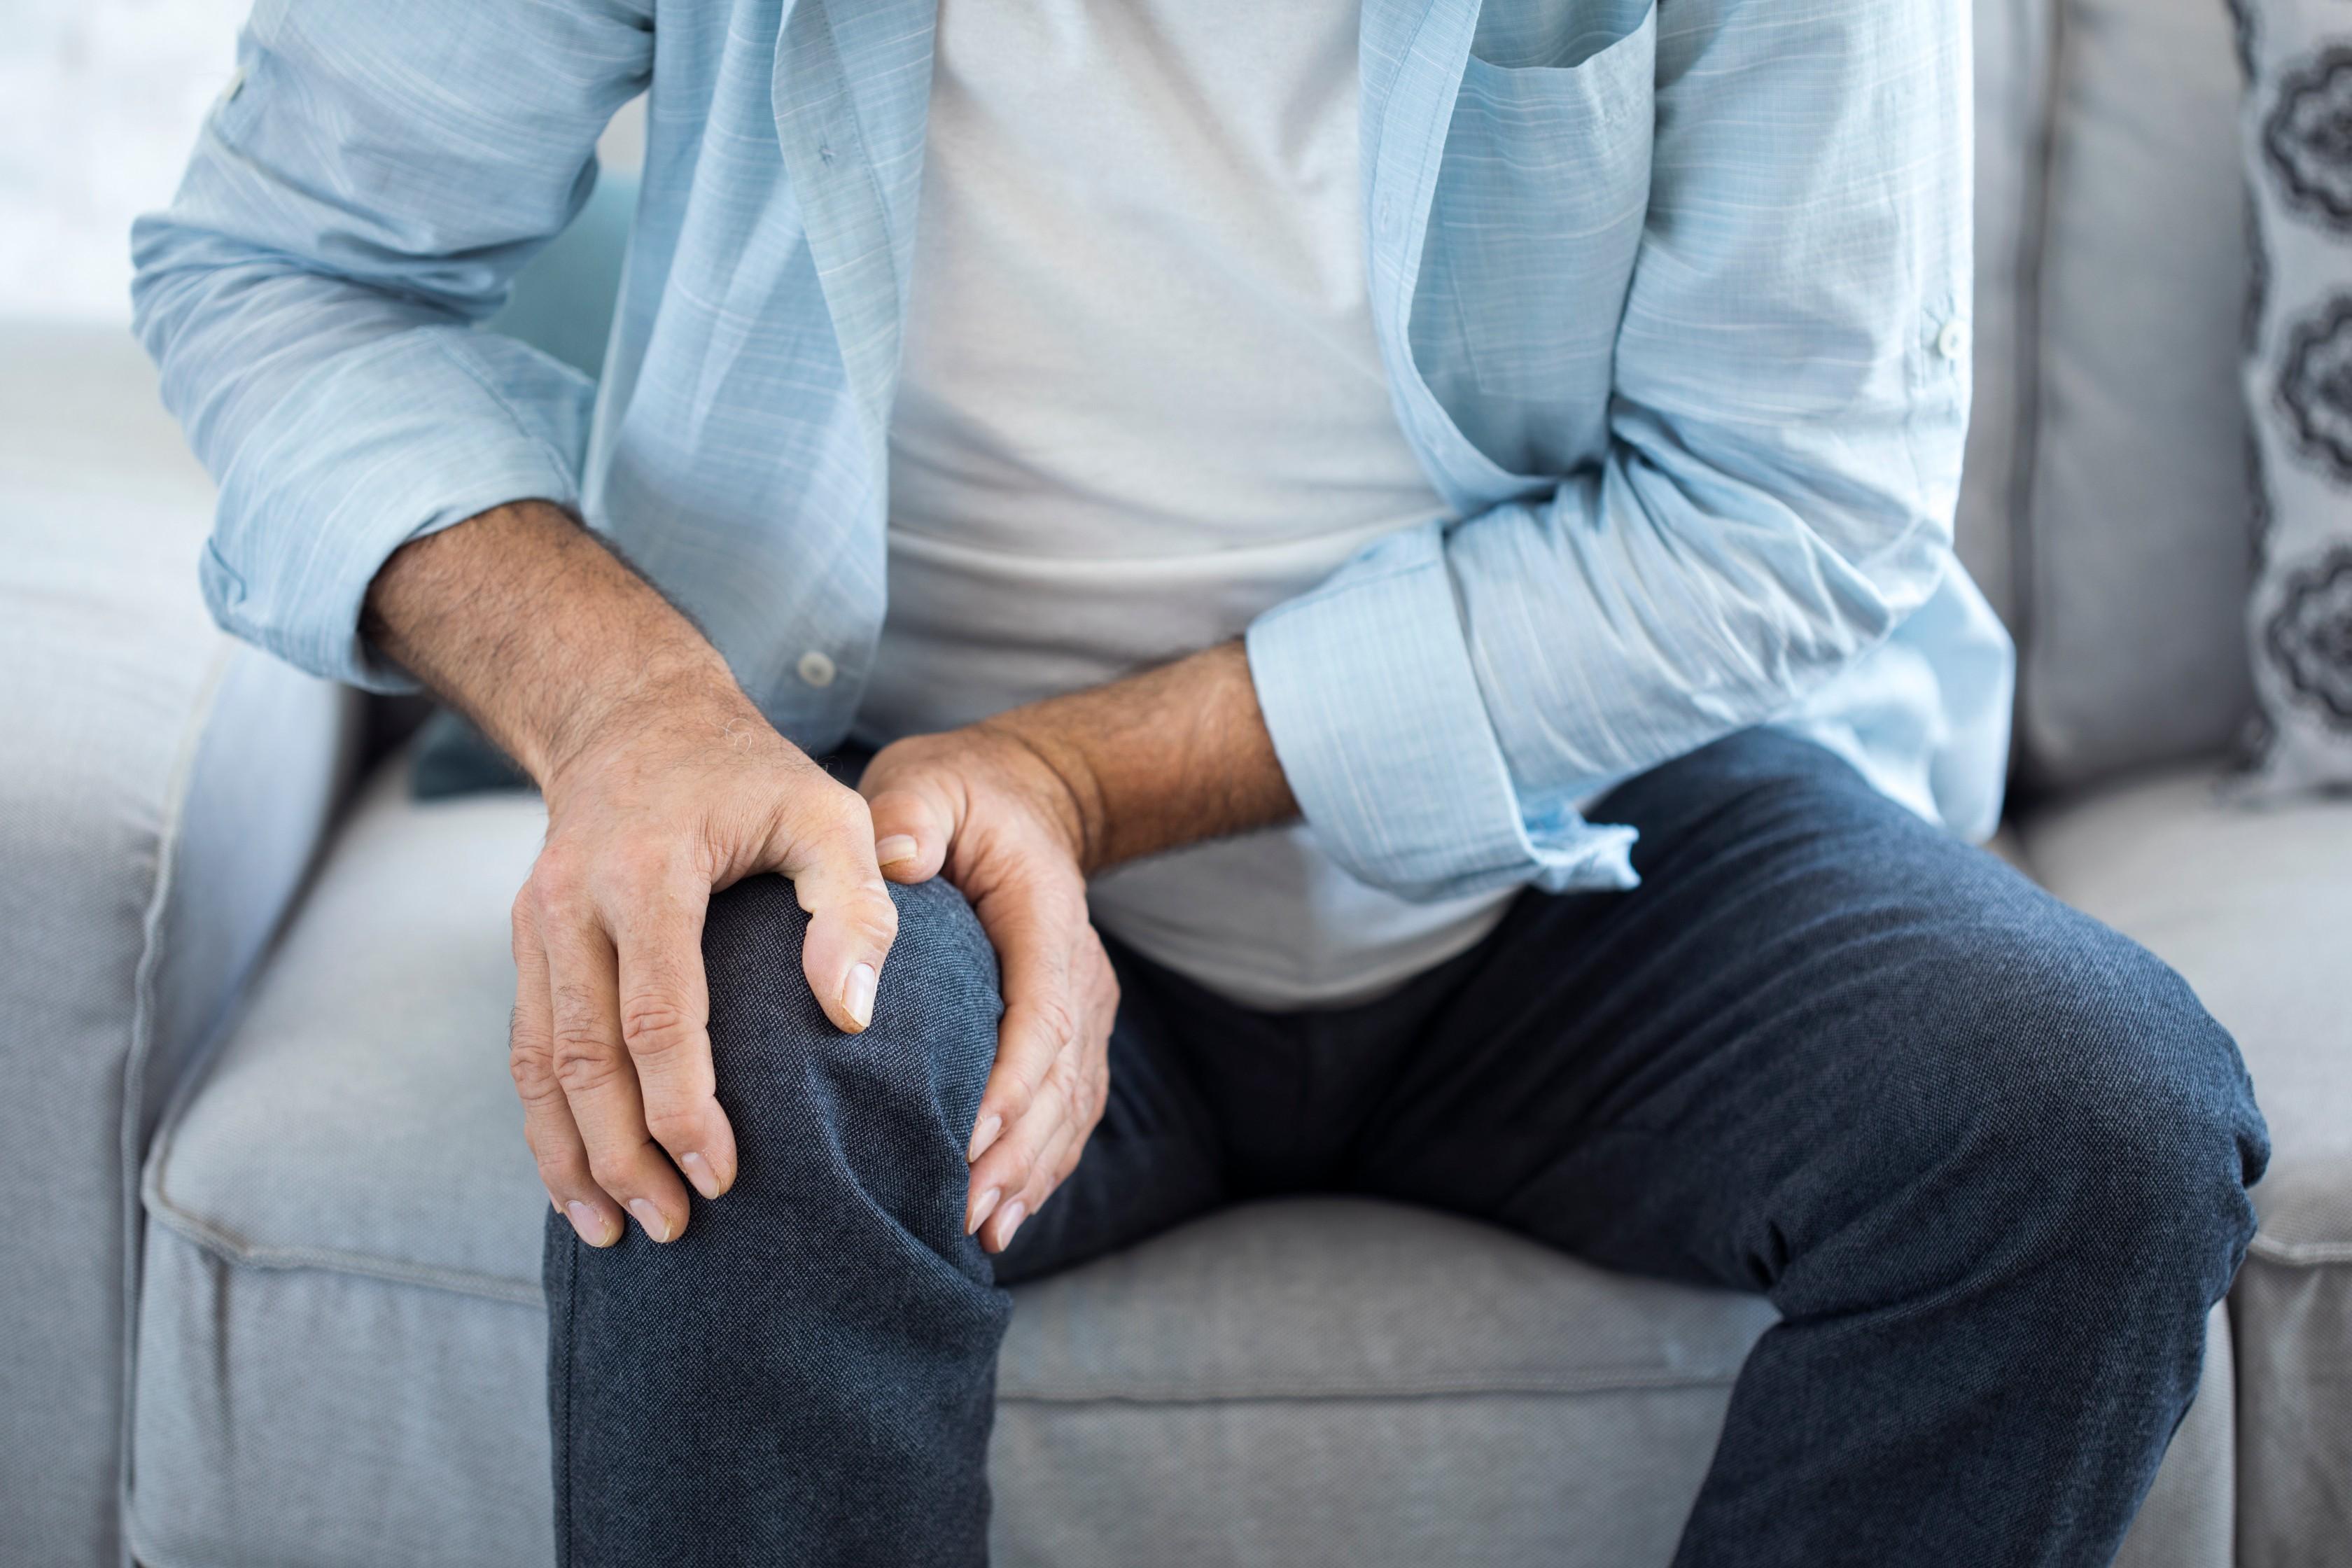 terápiás gyakorlatok ízületi fájdalmak kezelésére ropogás és ízületi fájdalom kezelése